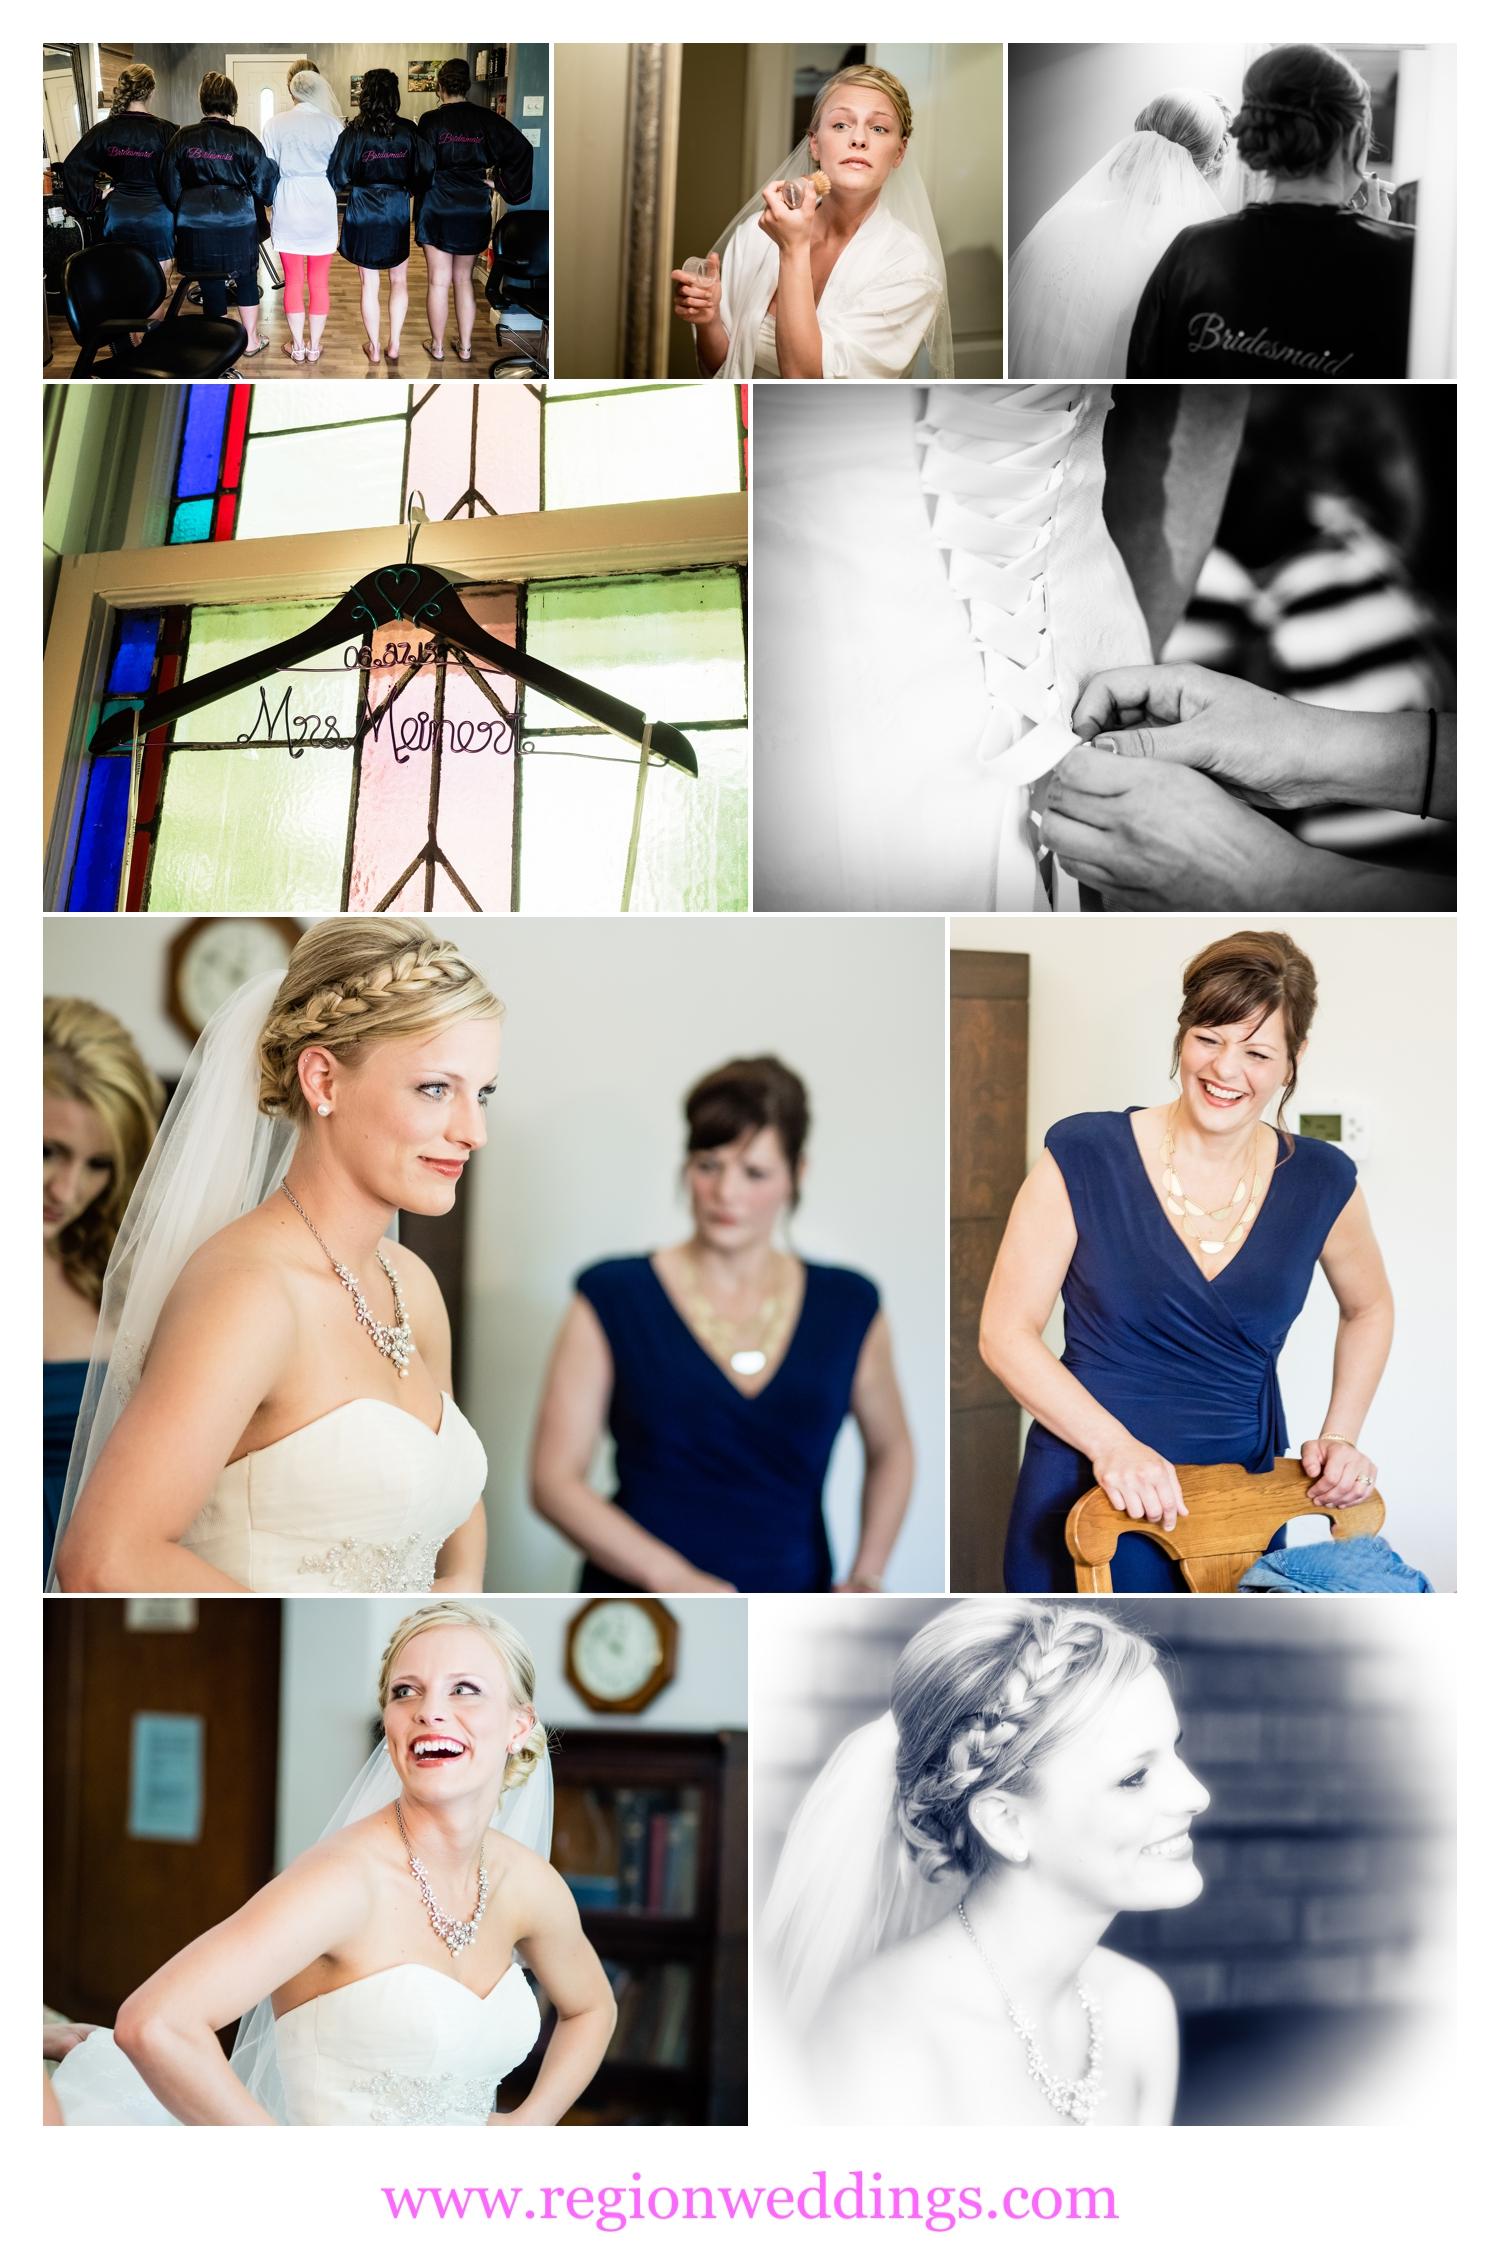 church-wedding-getting-ready.jpg